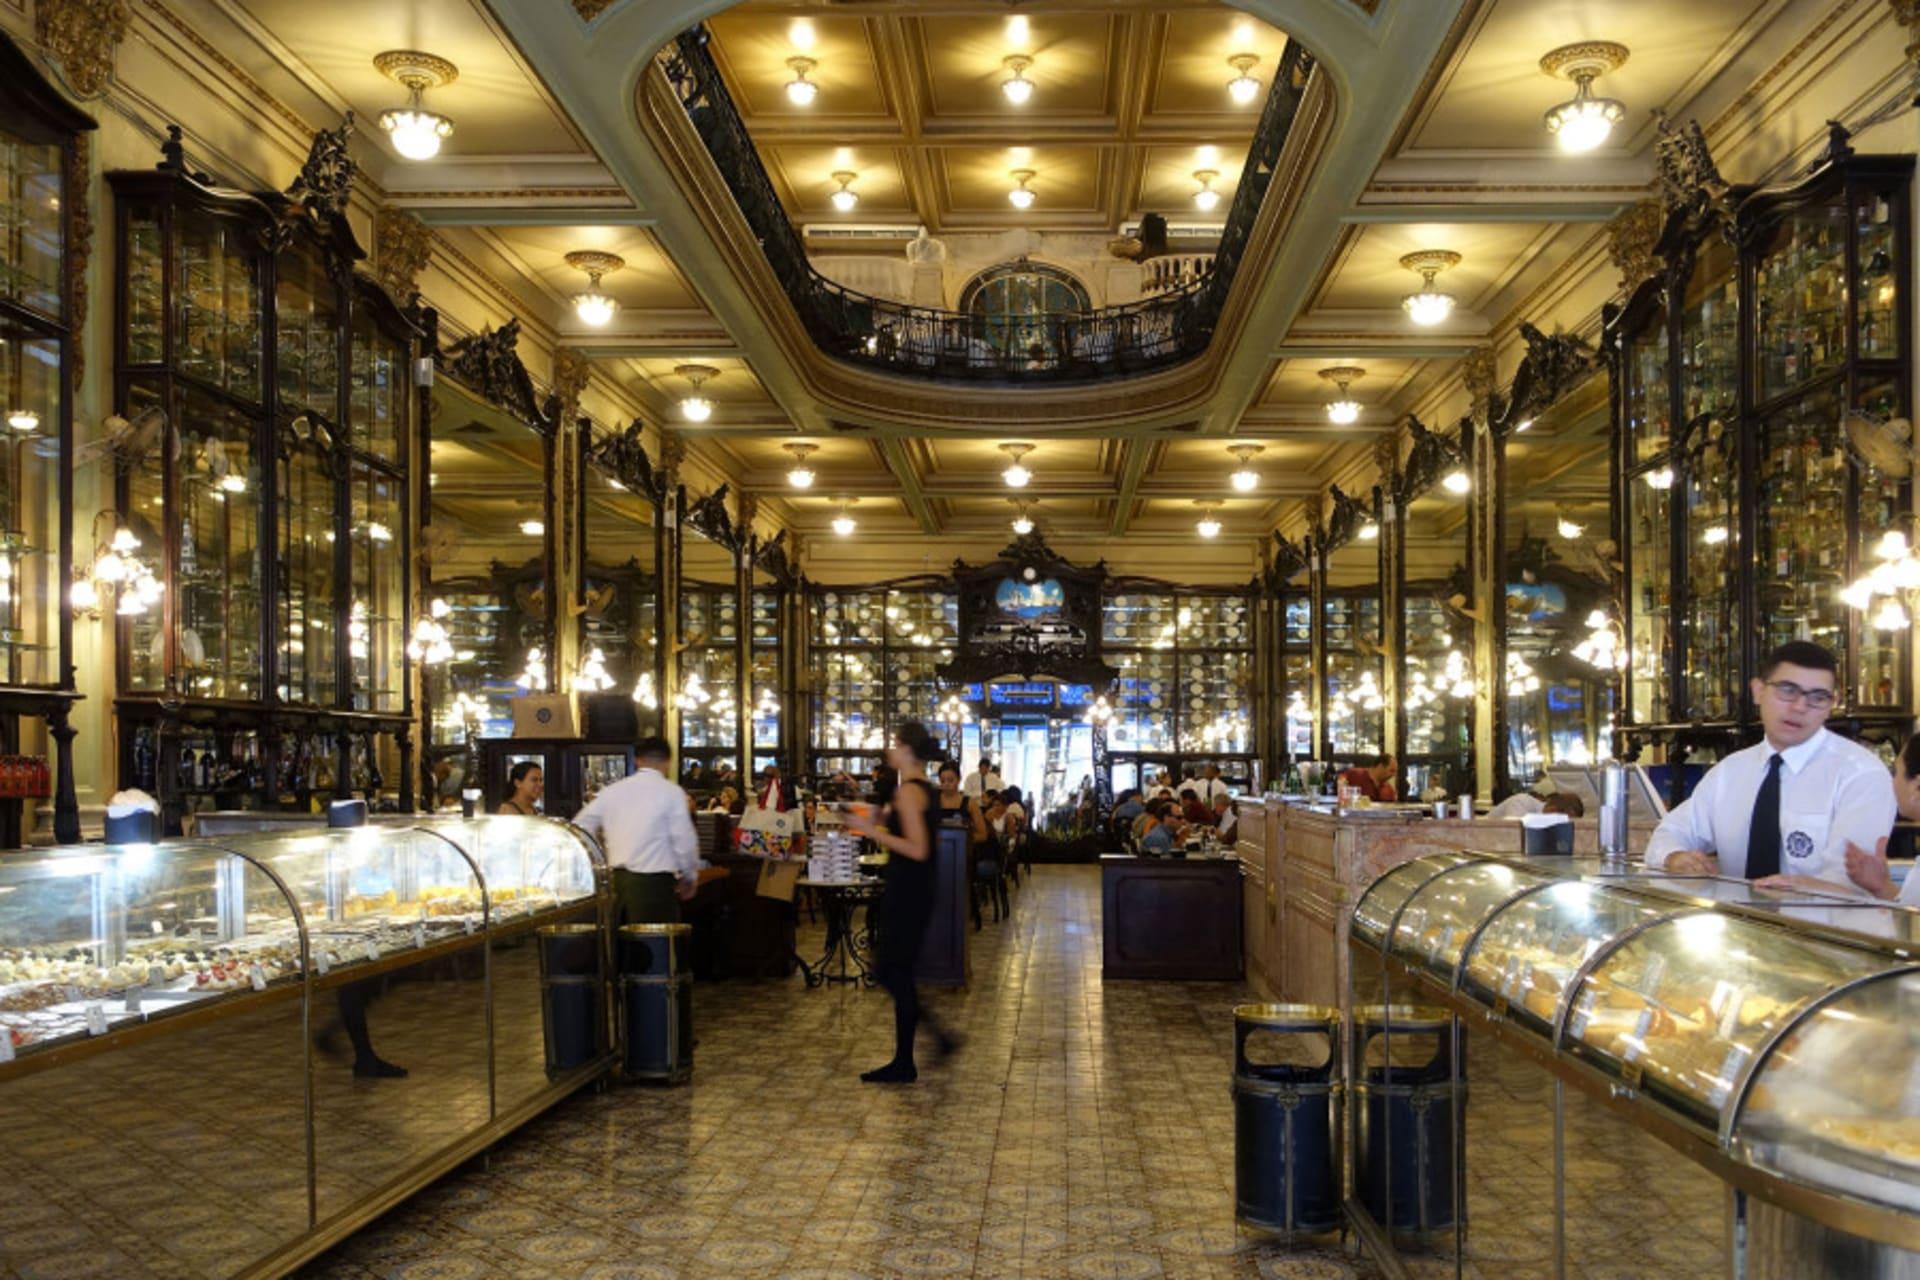 Rio de Janeiro - Confeitaria Colombo: Rio's most famous bakery!